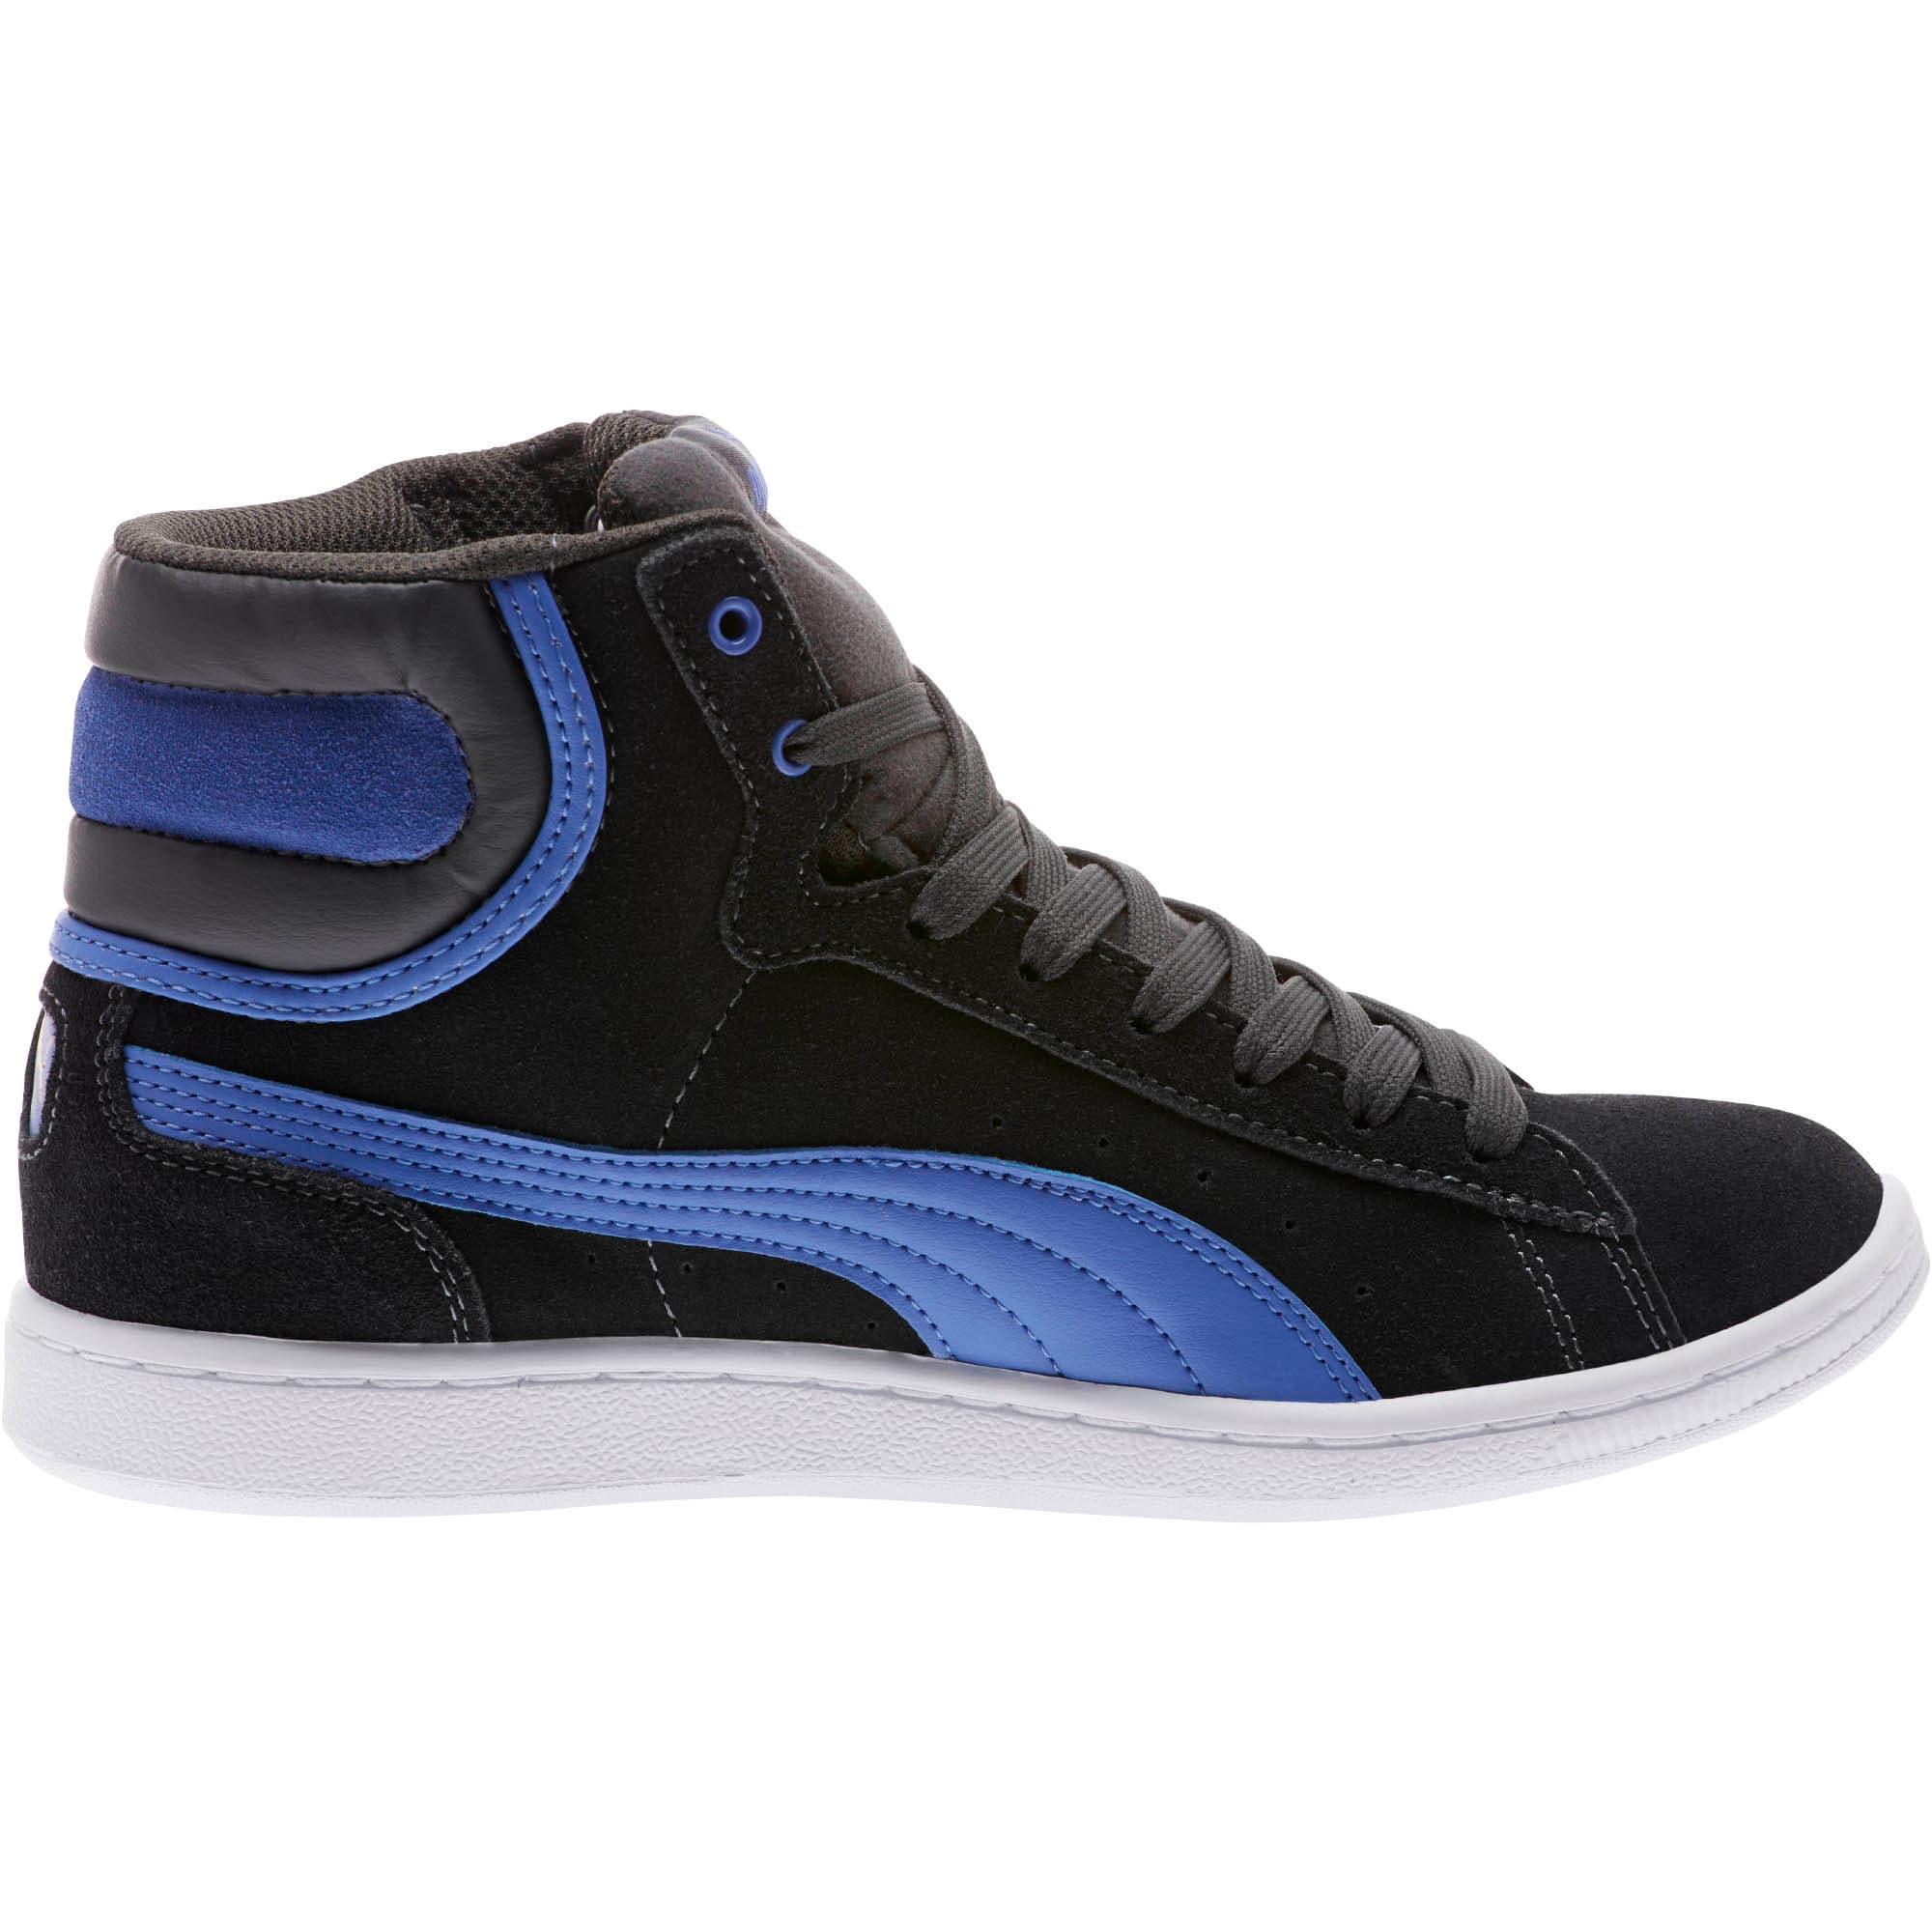 Thumbnail 3 of Vikky Mid Women's High Top Sneakers, Asphalt-Baja Blue, medium